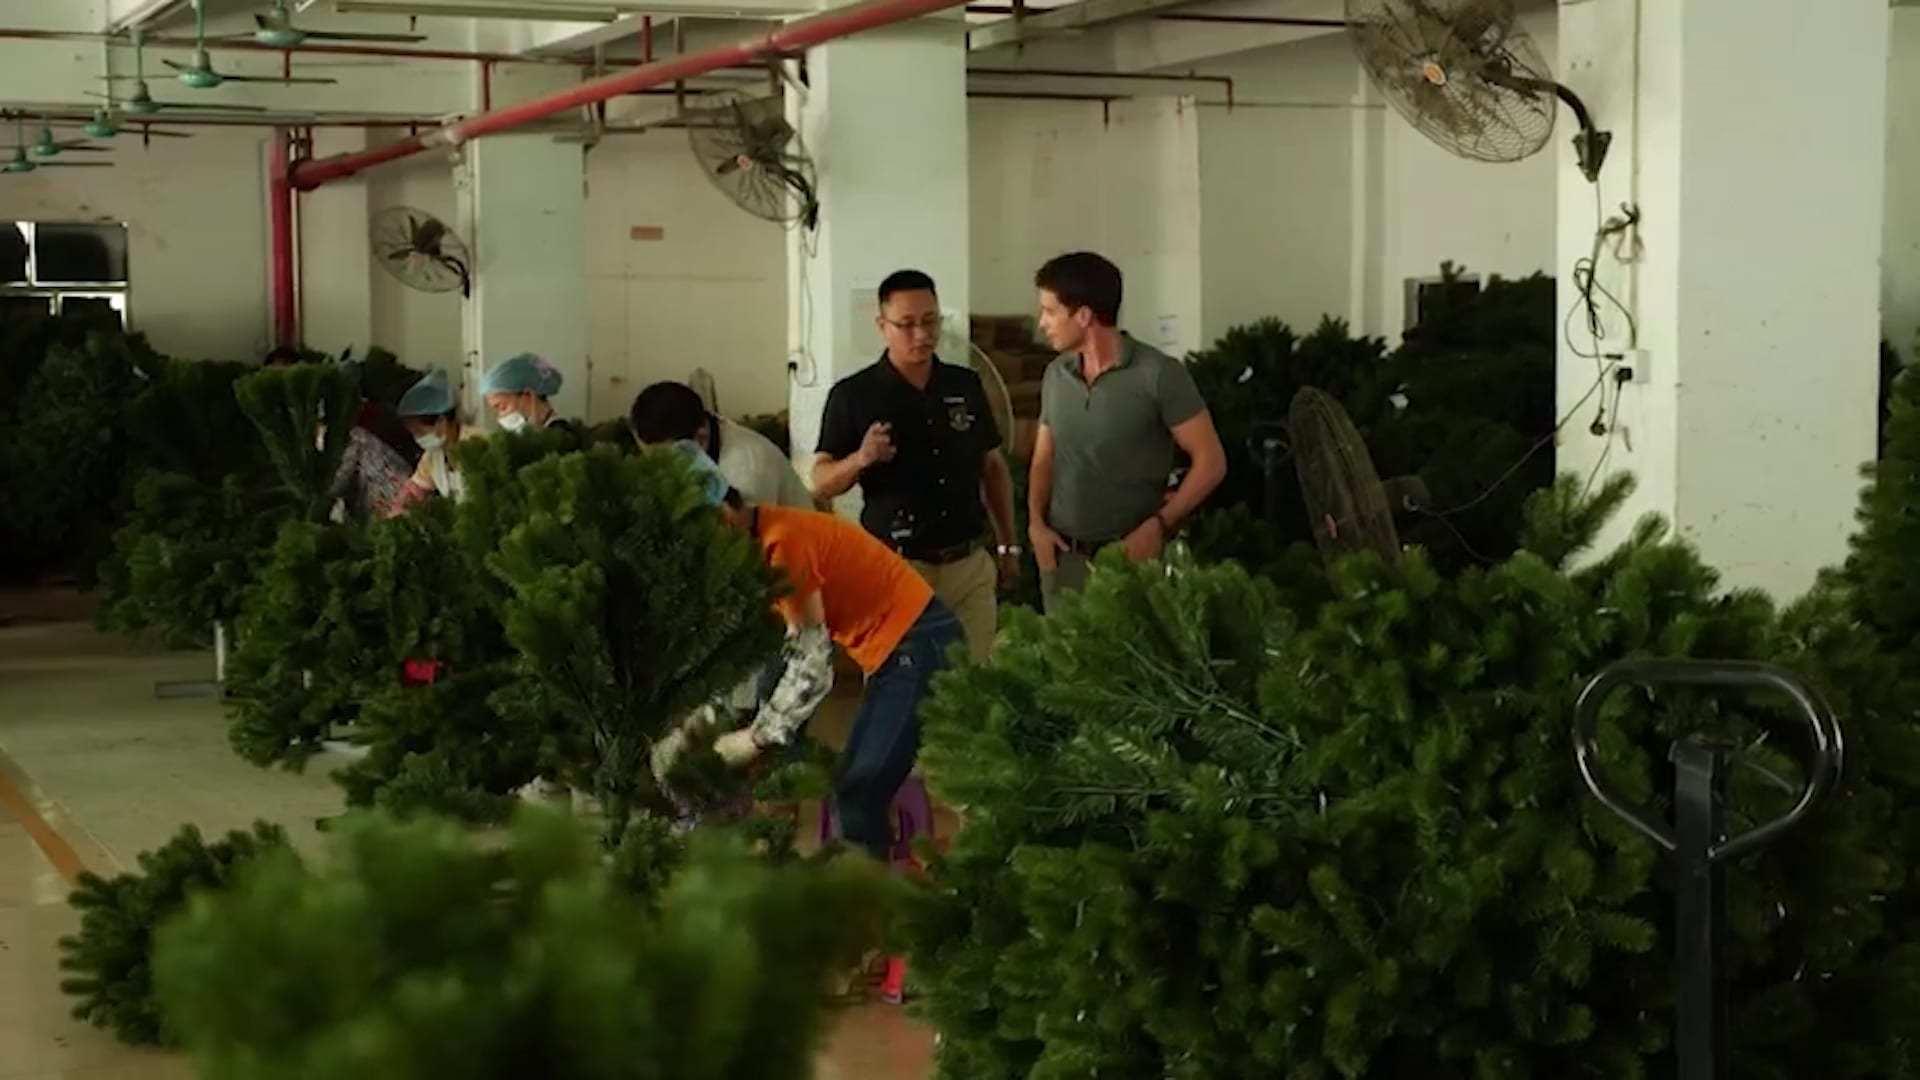 نقص أشجار عيد الميلاد وسط أزمة سلسلة التوريد العالمية